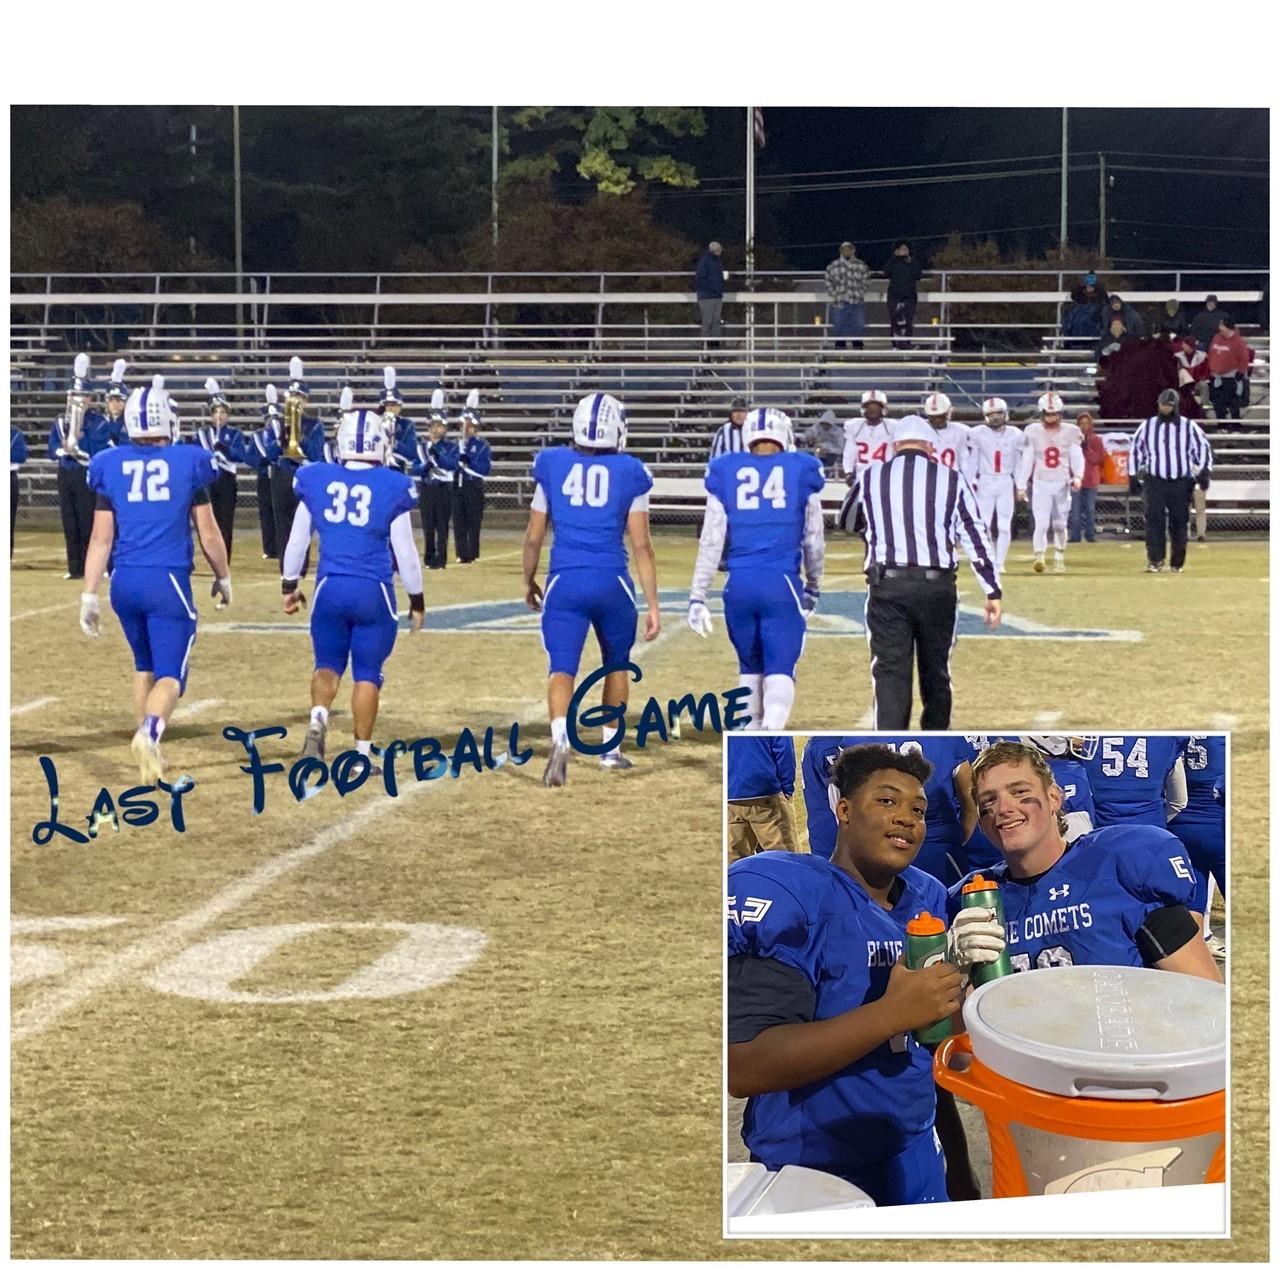 Last Football Game